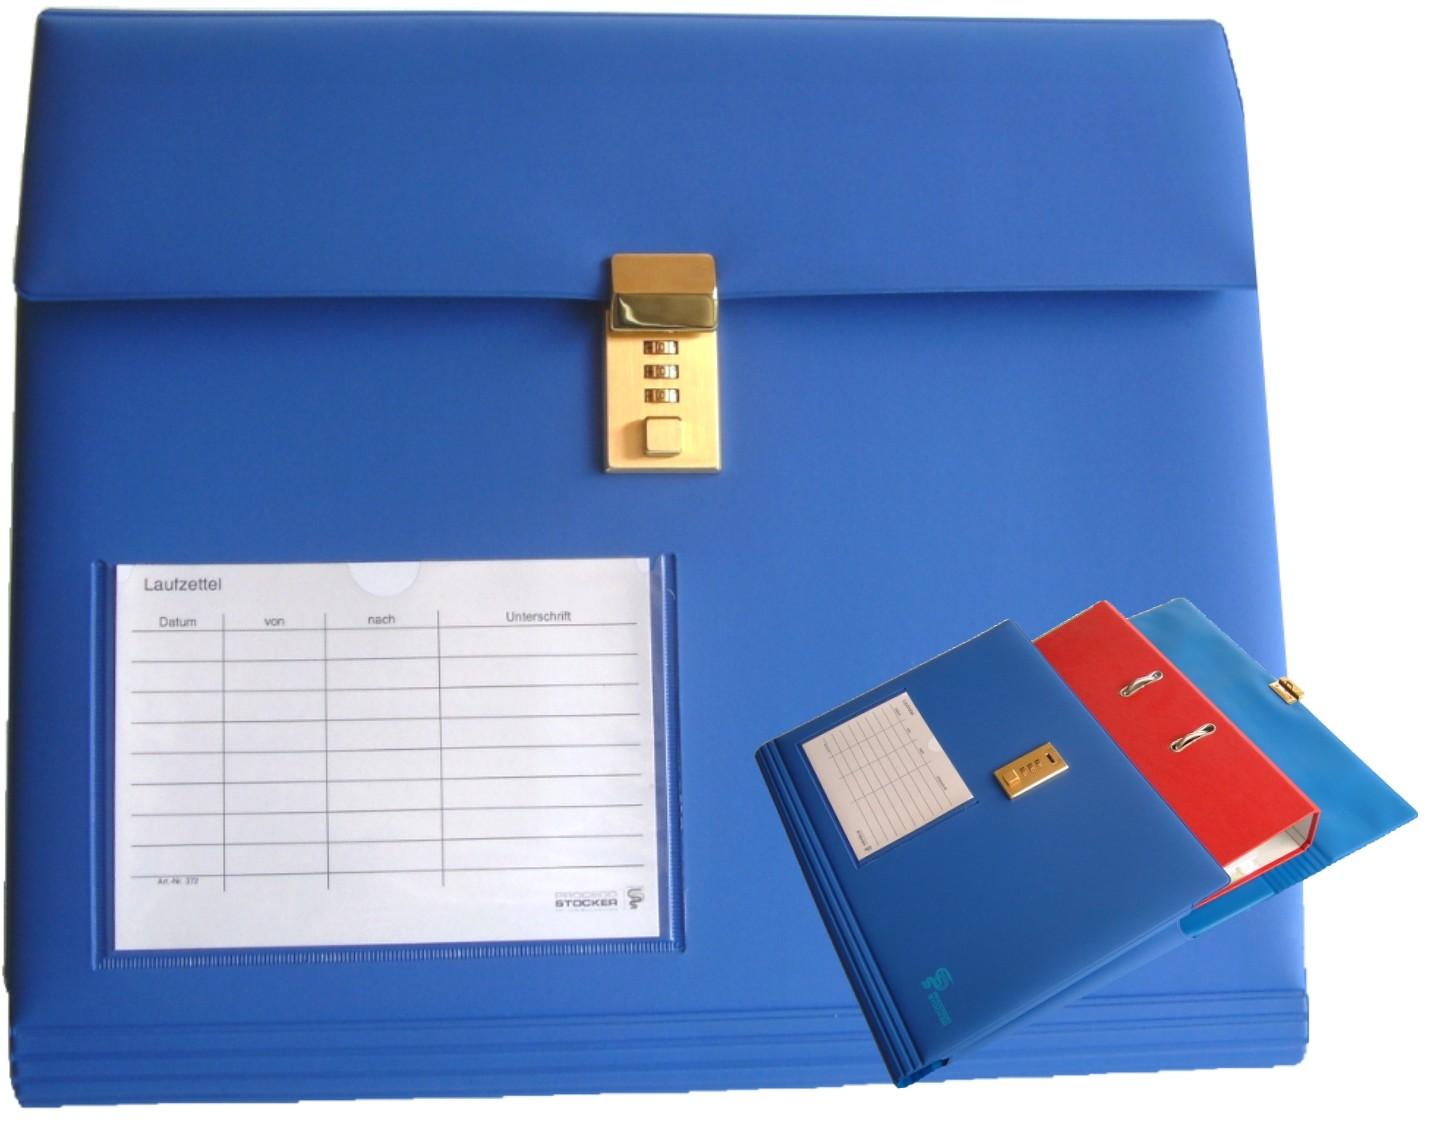 Verschlussmappe für Dokumente, etc.